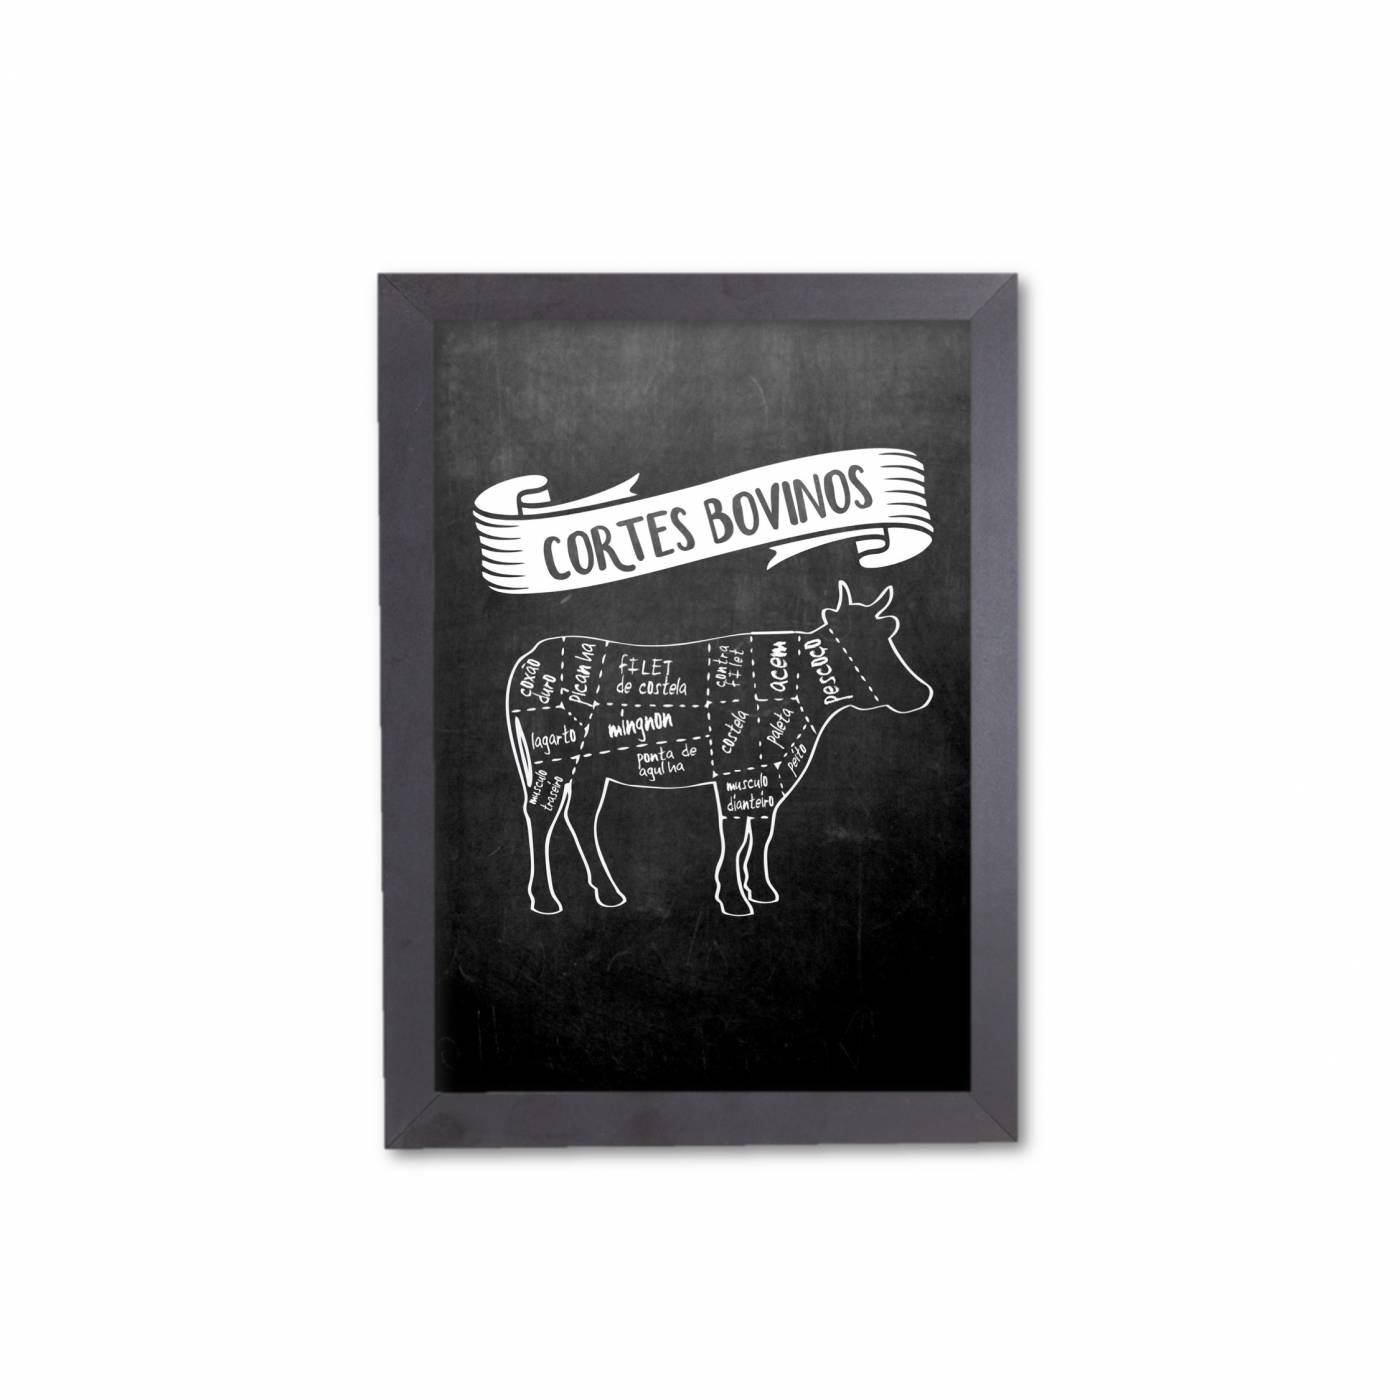 Cortes bovino